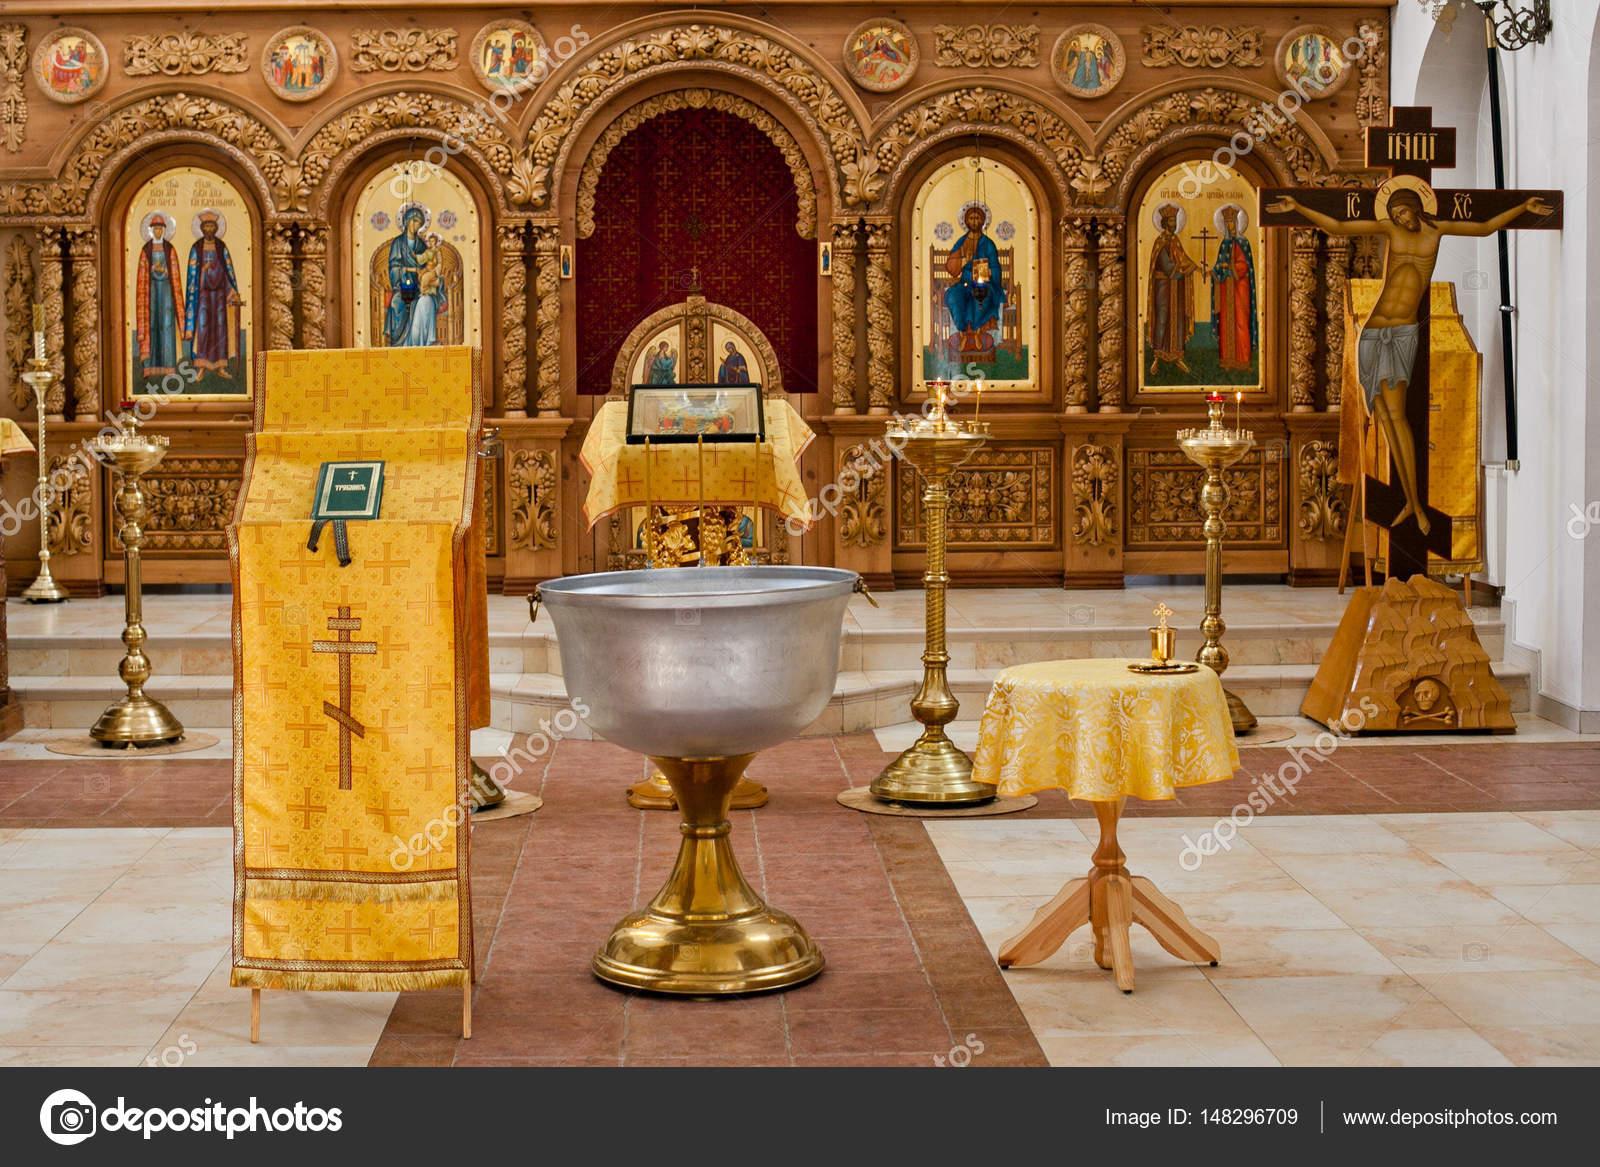 Das Sakrament Der Taufe In Der Orthodoxen Kirche Stockfoto